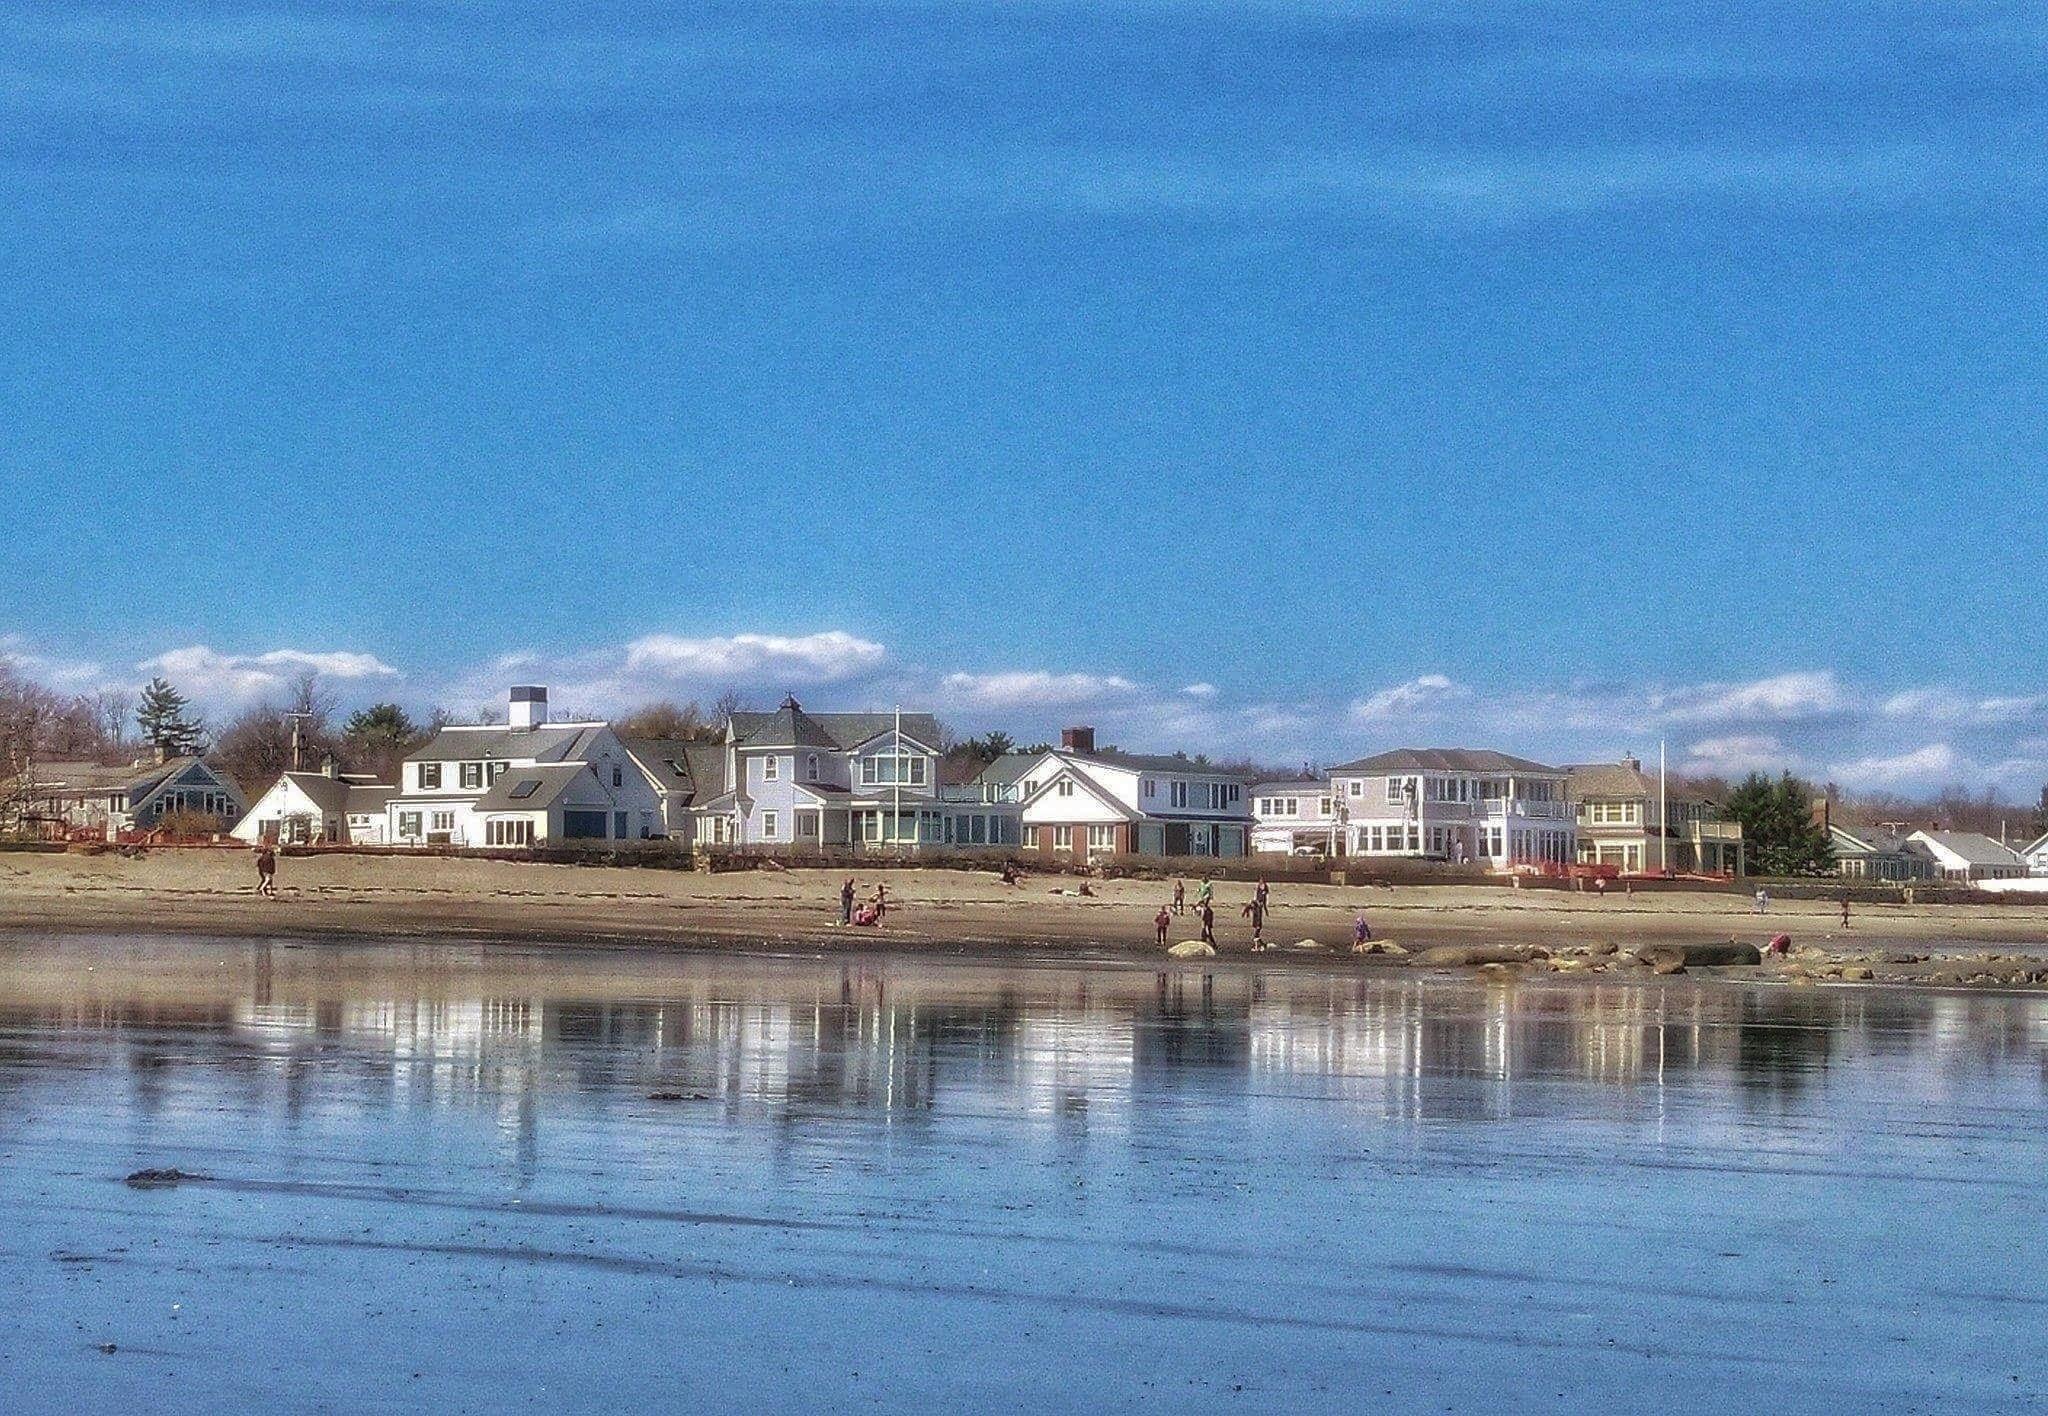 Salisbury Beach, Salisbury, Essex County, Massachusetts, United States of America